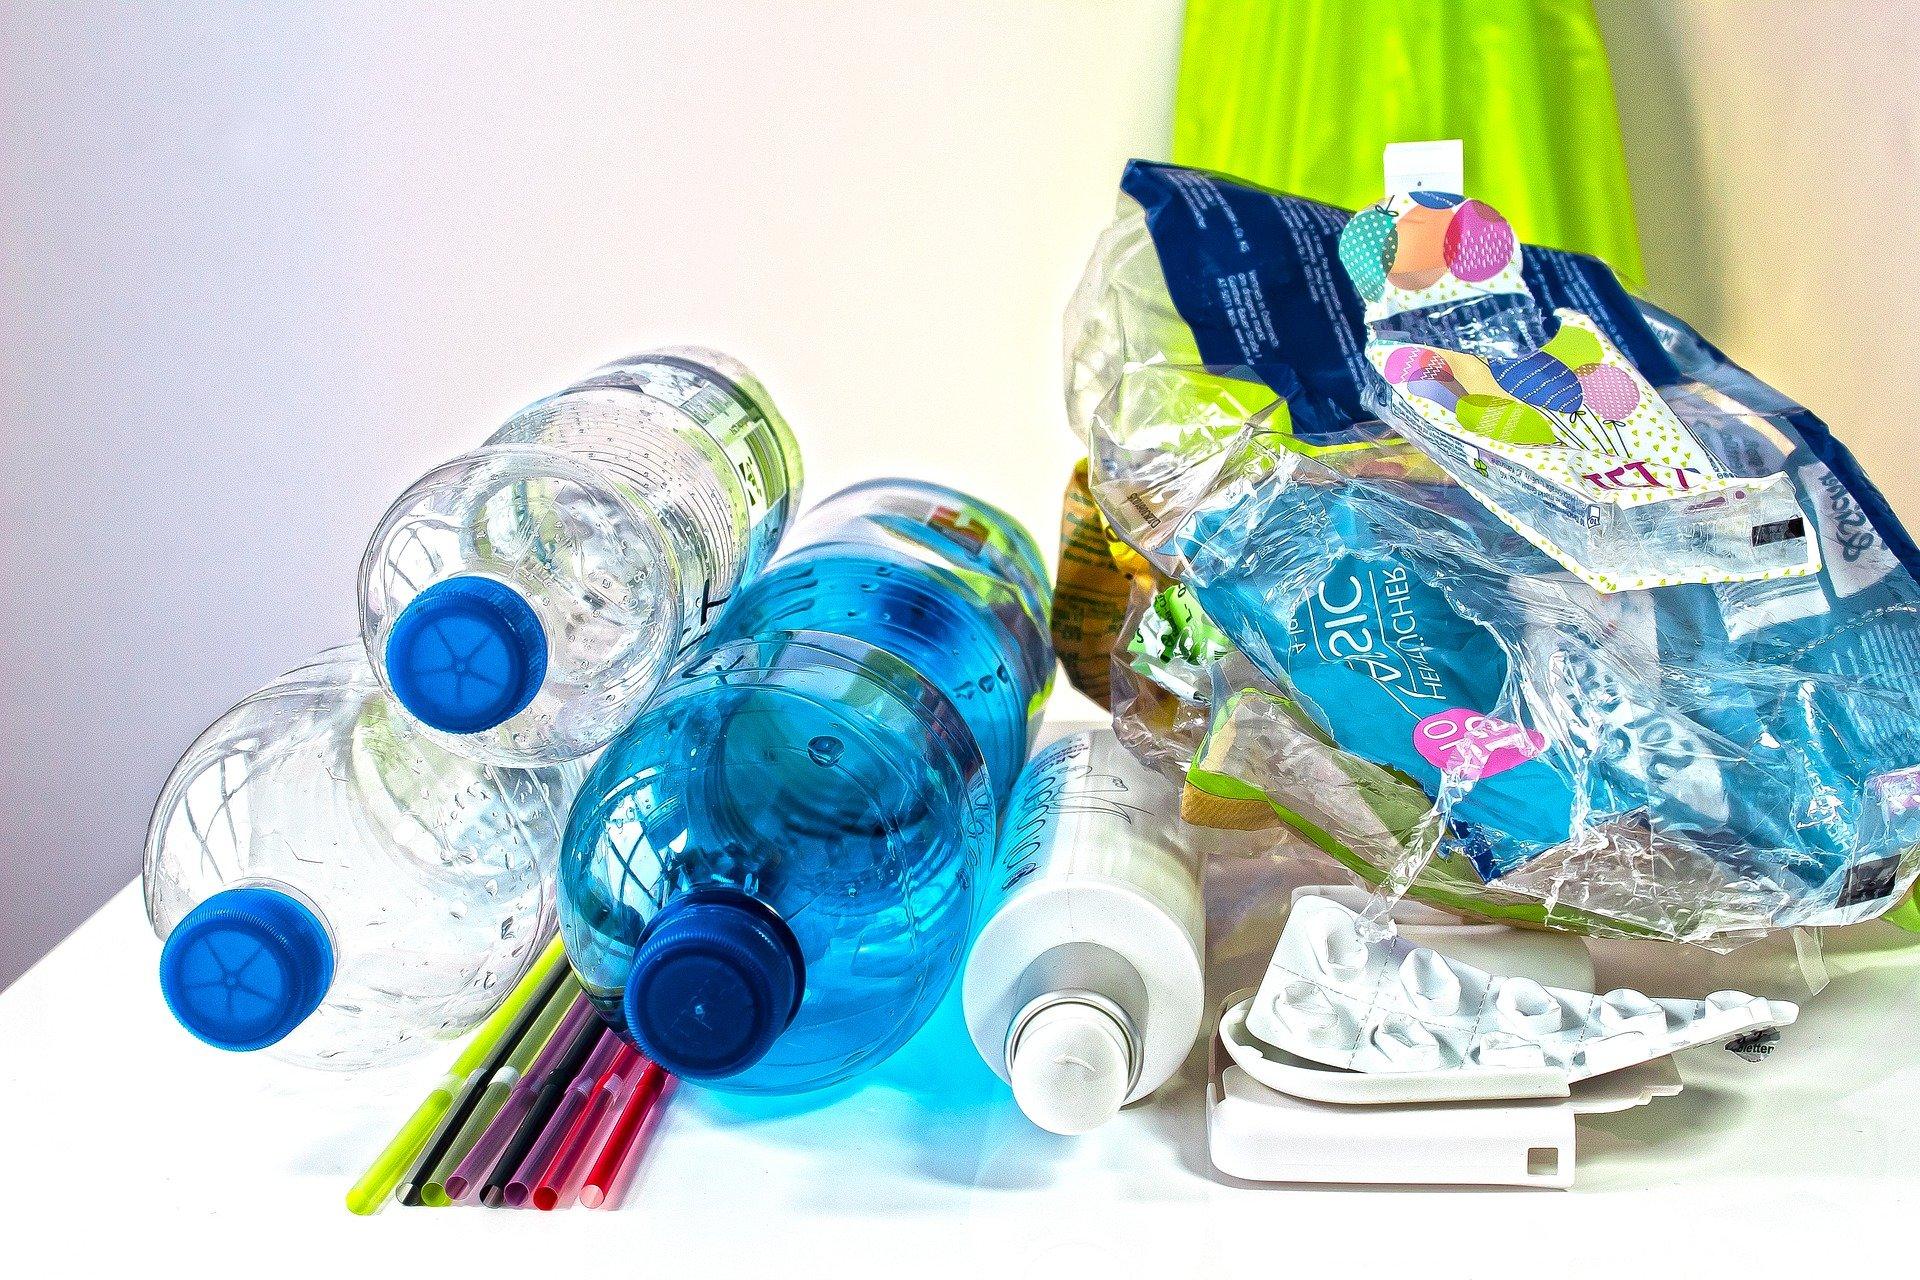 Alltagsgegenstände aus Plastik, wie Wasserflaschen und Plastikstrohhalme sind übereinander gestapelt